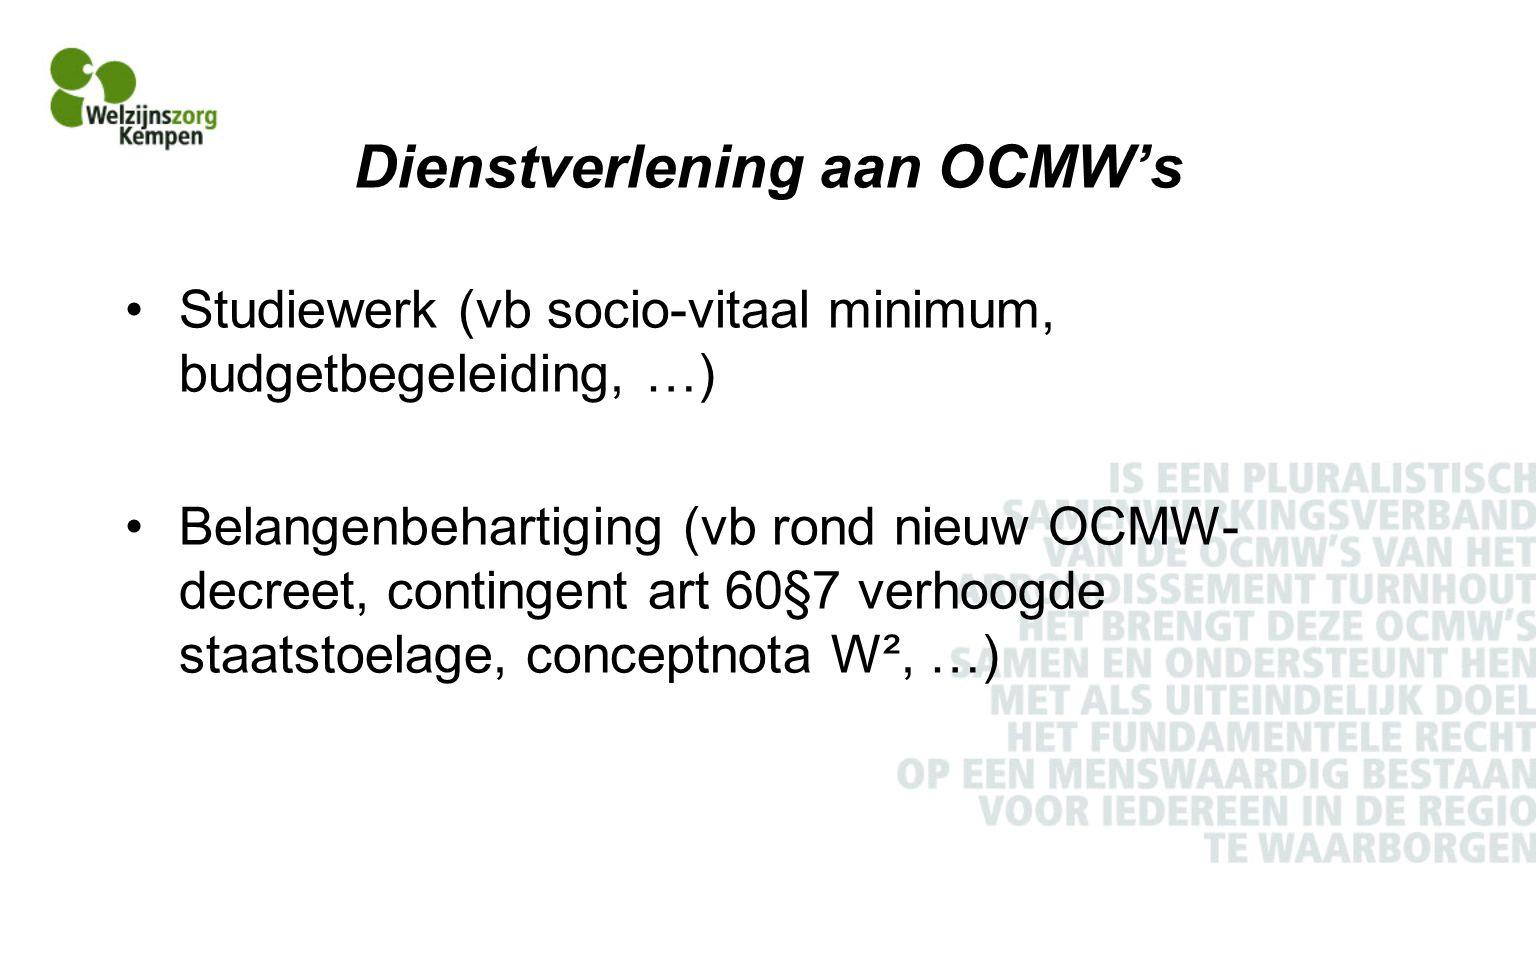 Dienstverlening aan OCMW's Studiewerk (vb socio-vitaal minimum, budgetbegeleiding, …) Belangenbehartiging (vb rond nieuw OCMW- decreet, contingent art 60§7 verhoogde staatstoelage, conceptnota W², …)